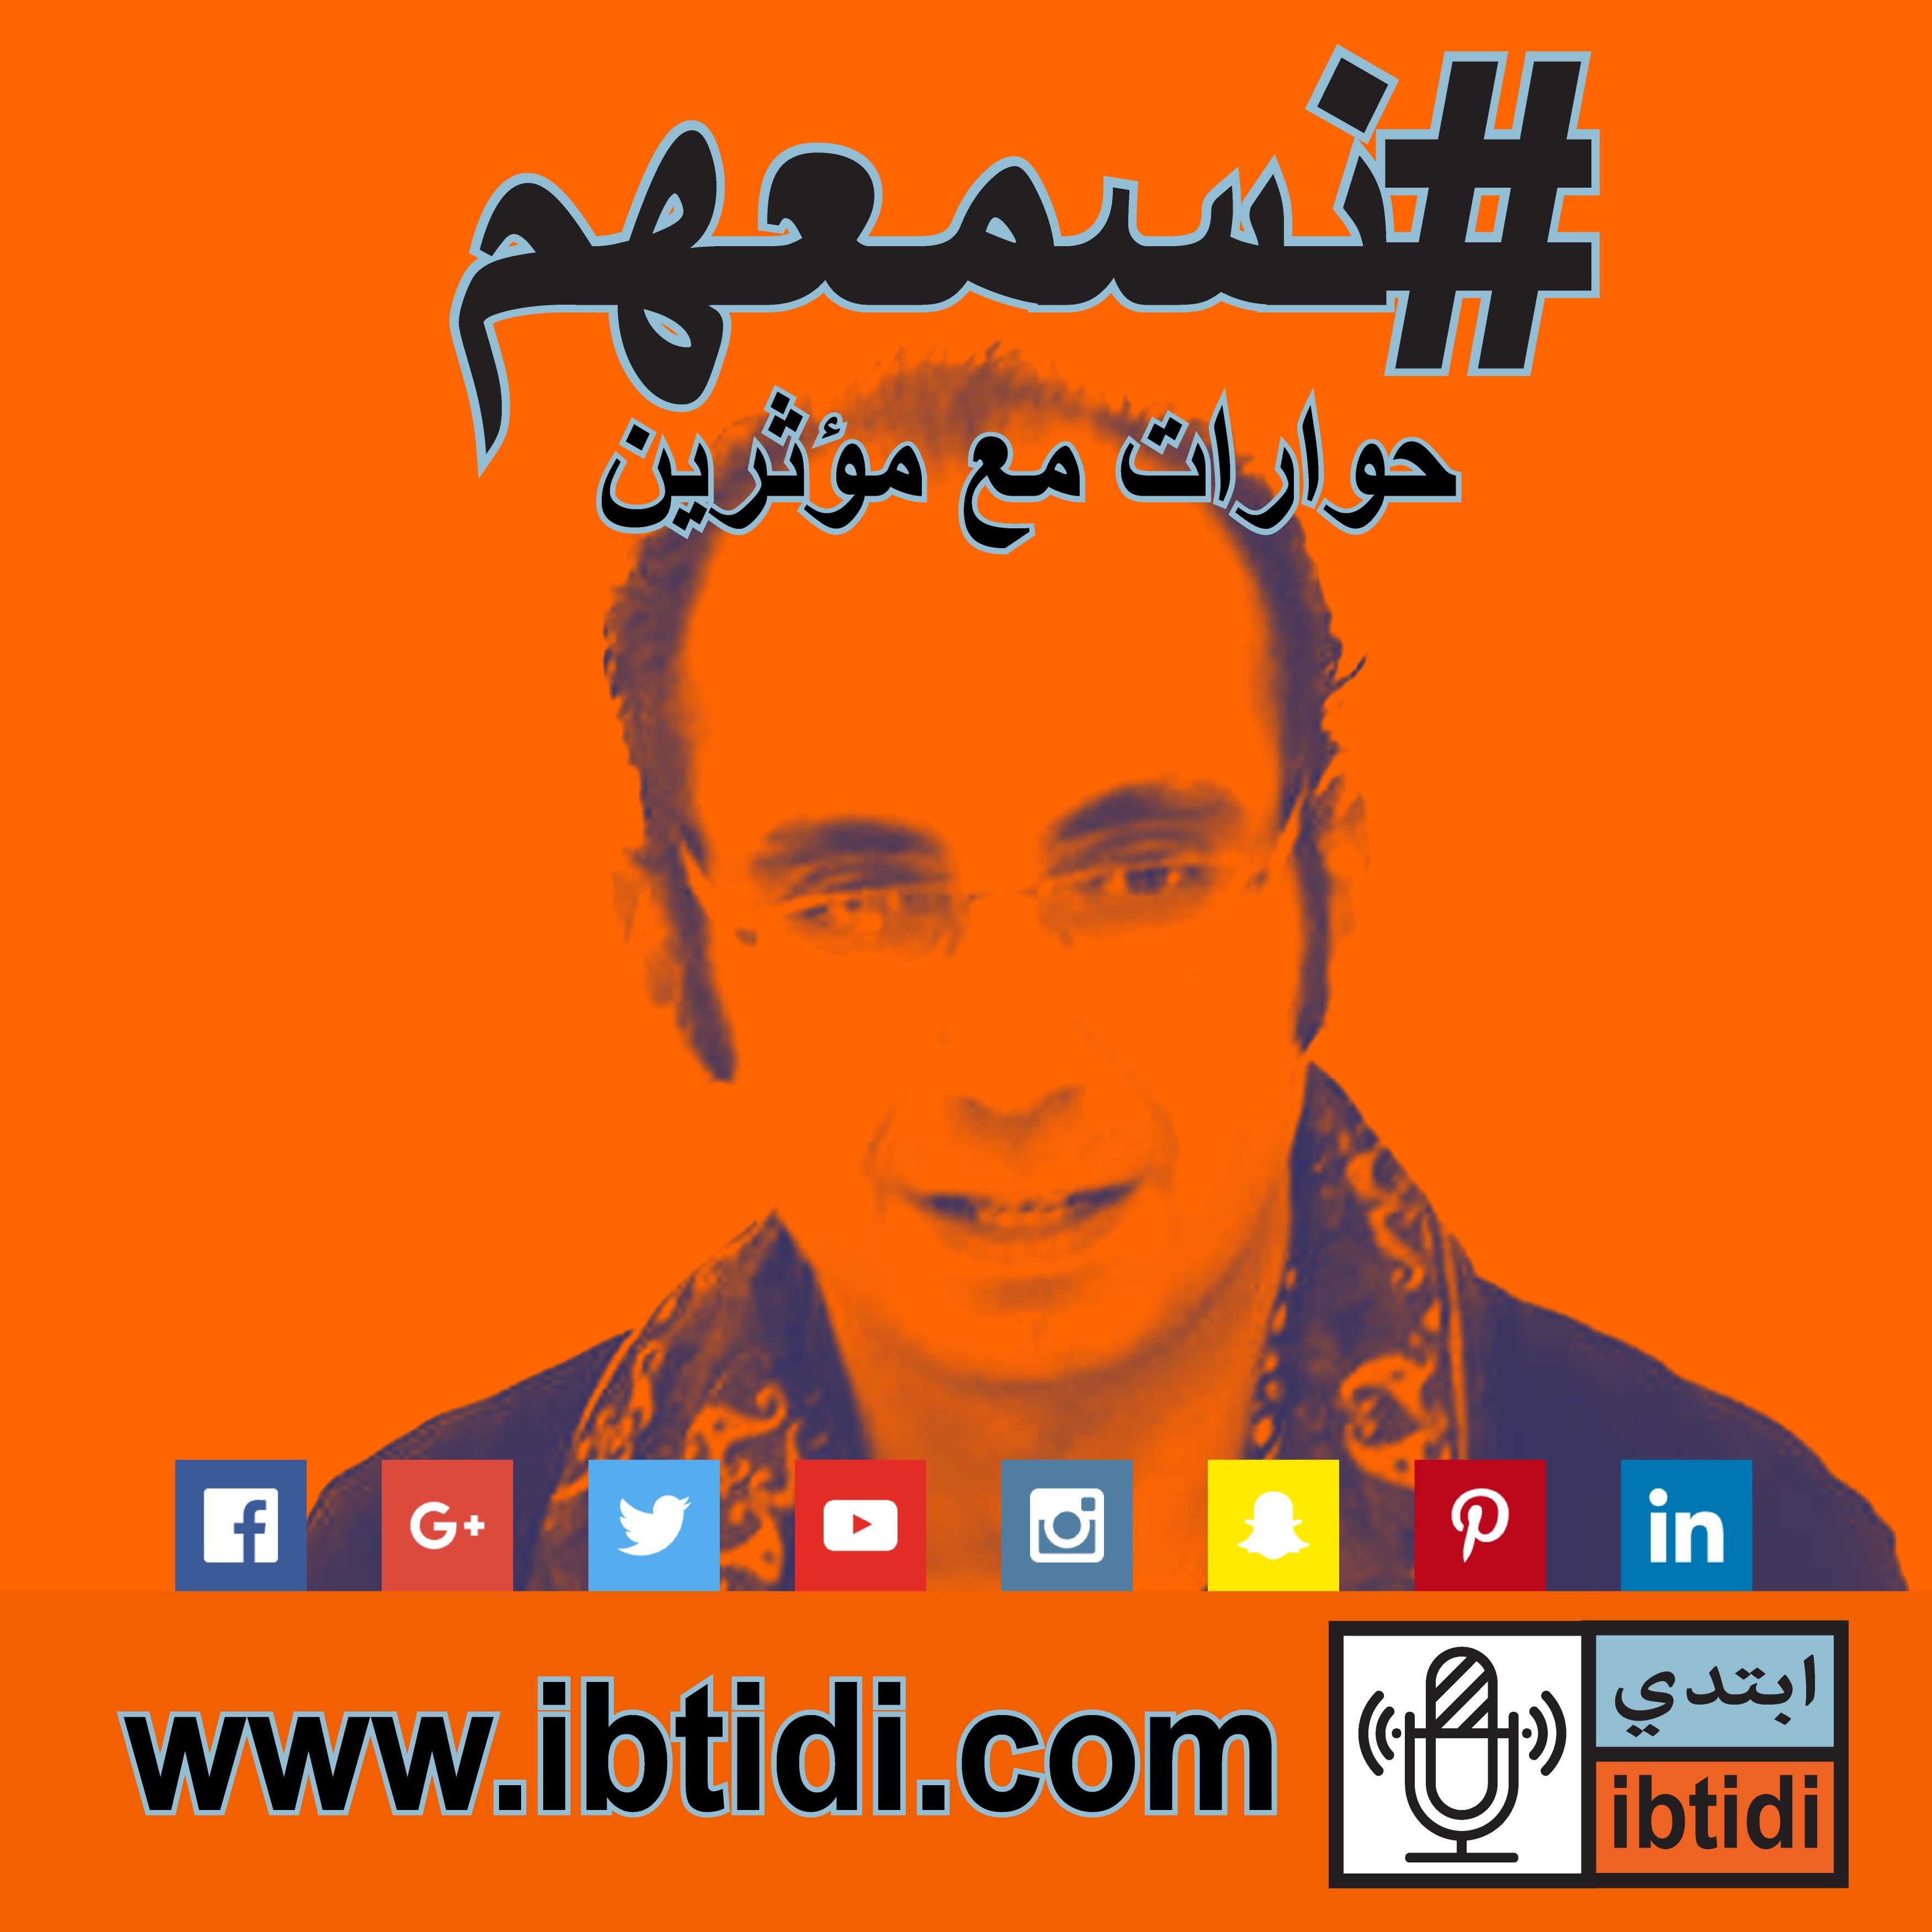 برنامج #نسمعهم - حلقة ٠١٠- كريم الحيوان - عن التصوير في الشارع ومستقبل عبثي